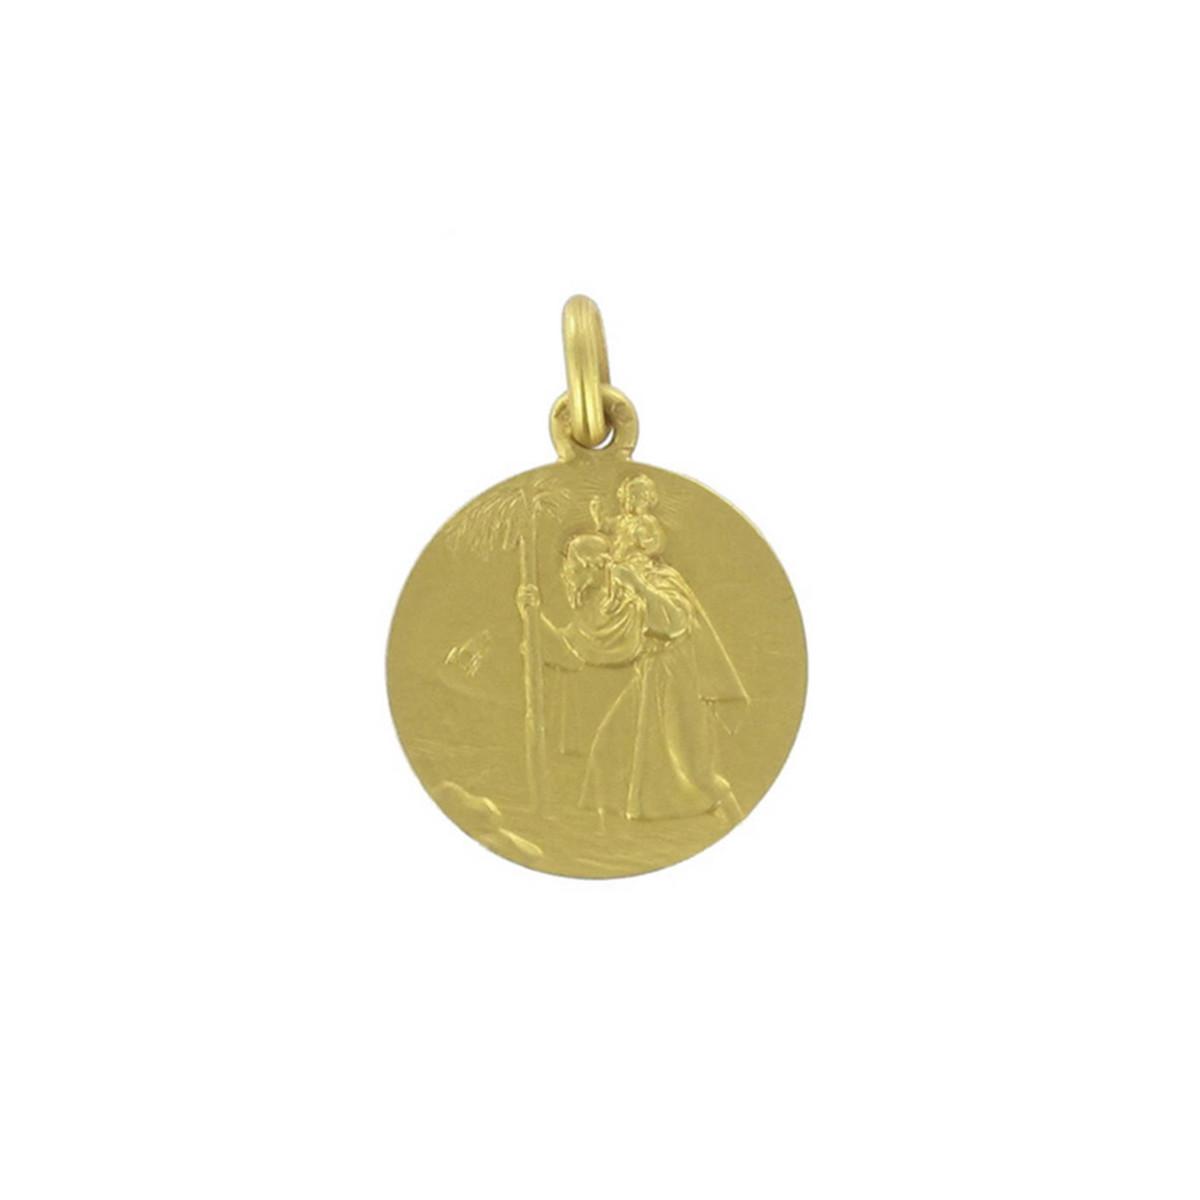 GOLD MEDAL SAN CRISTOBAL